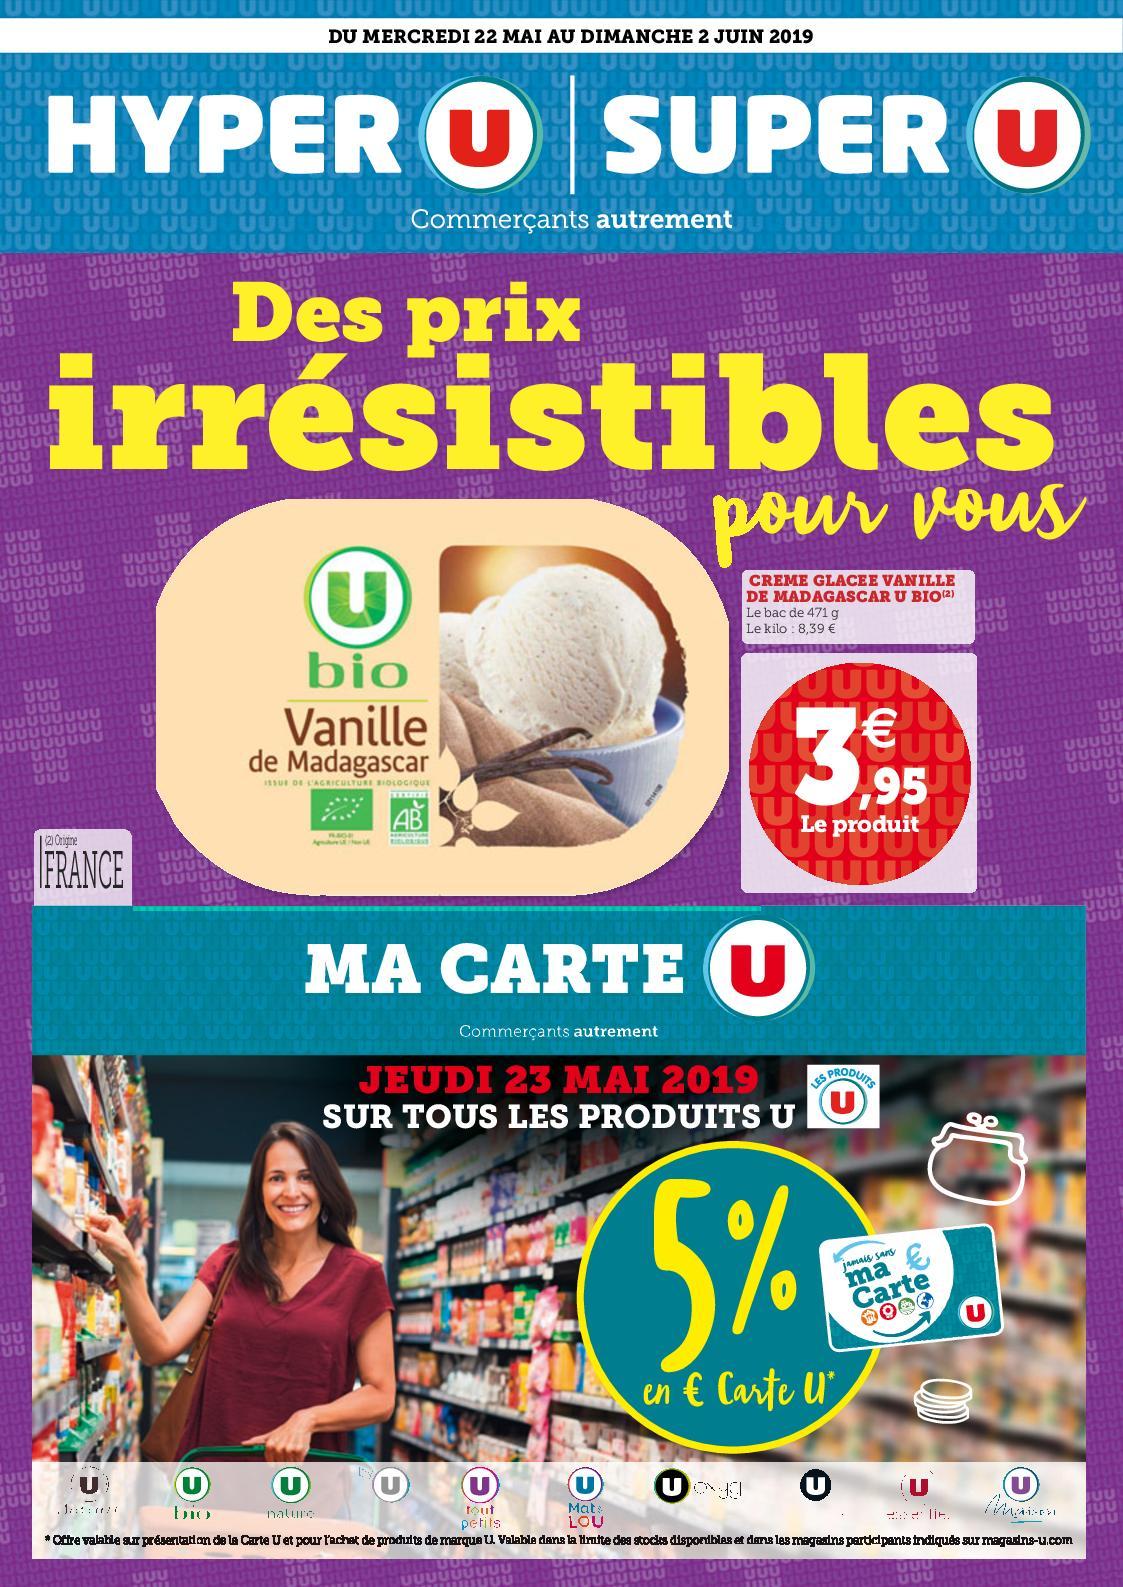 Catalogue Du 22/05 Au 03/06 : Des Prix Irrésistibles